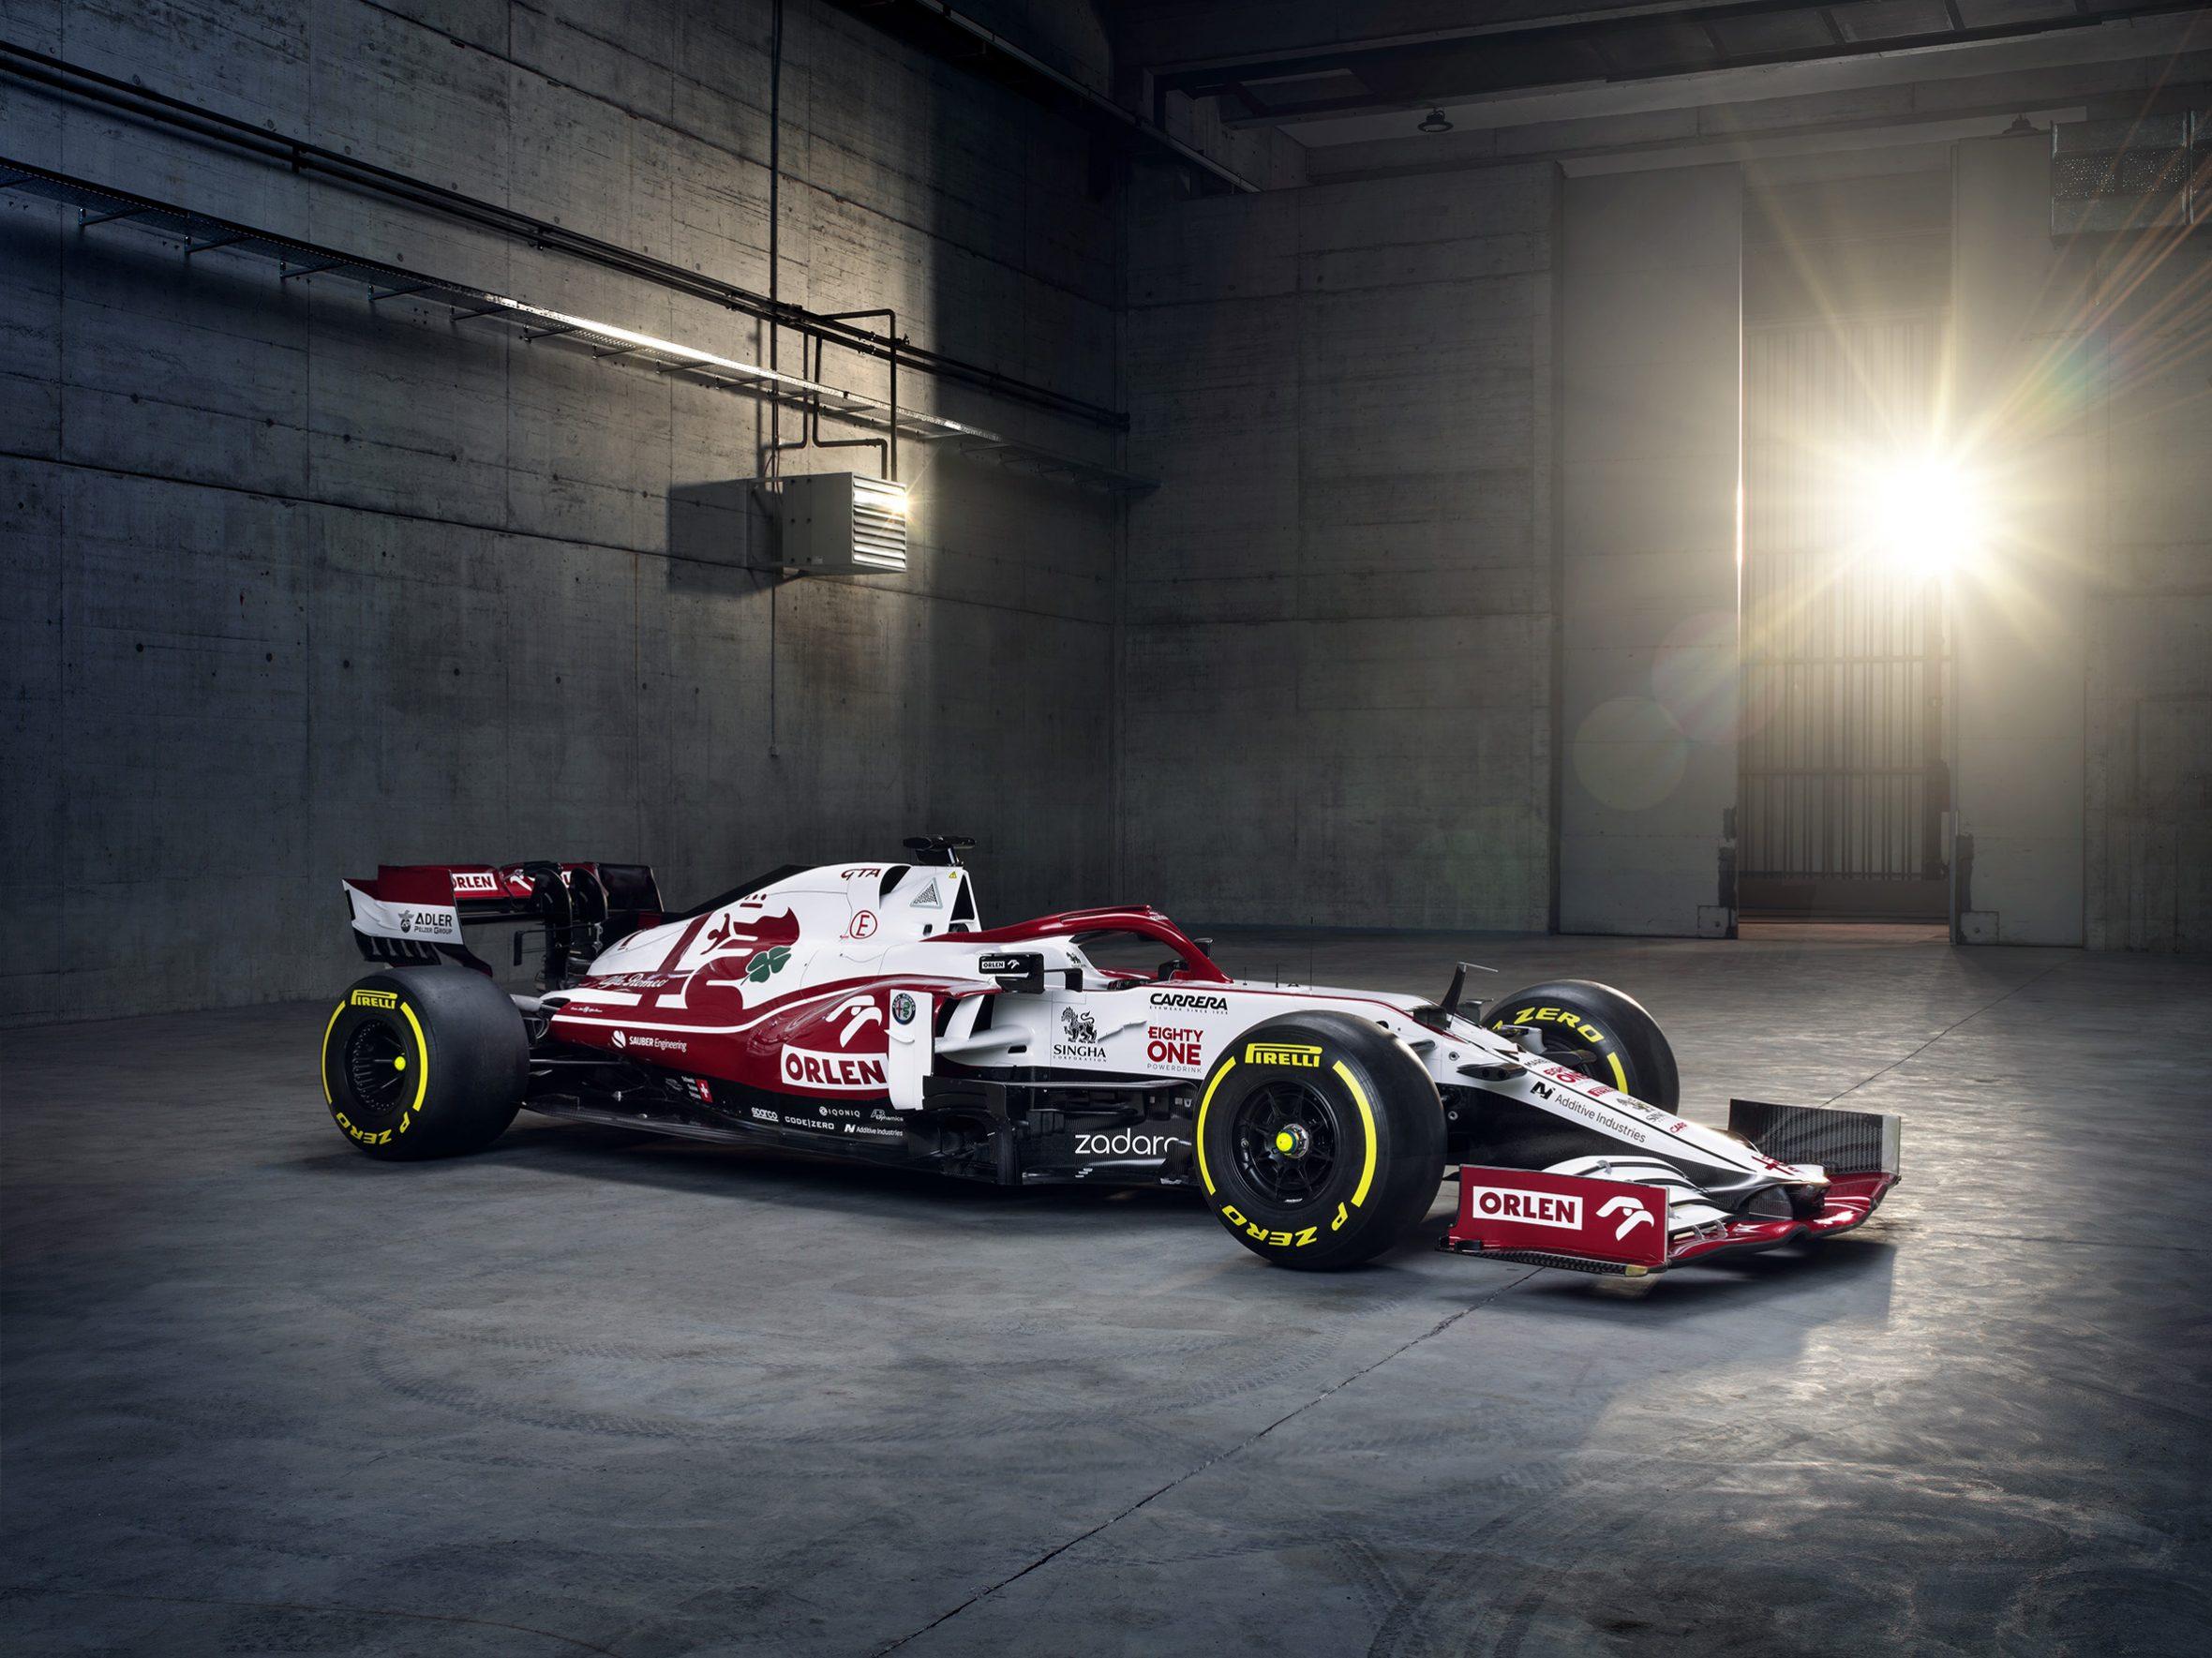 La nouvelle C41 © Alfa Roméo F1